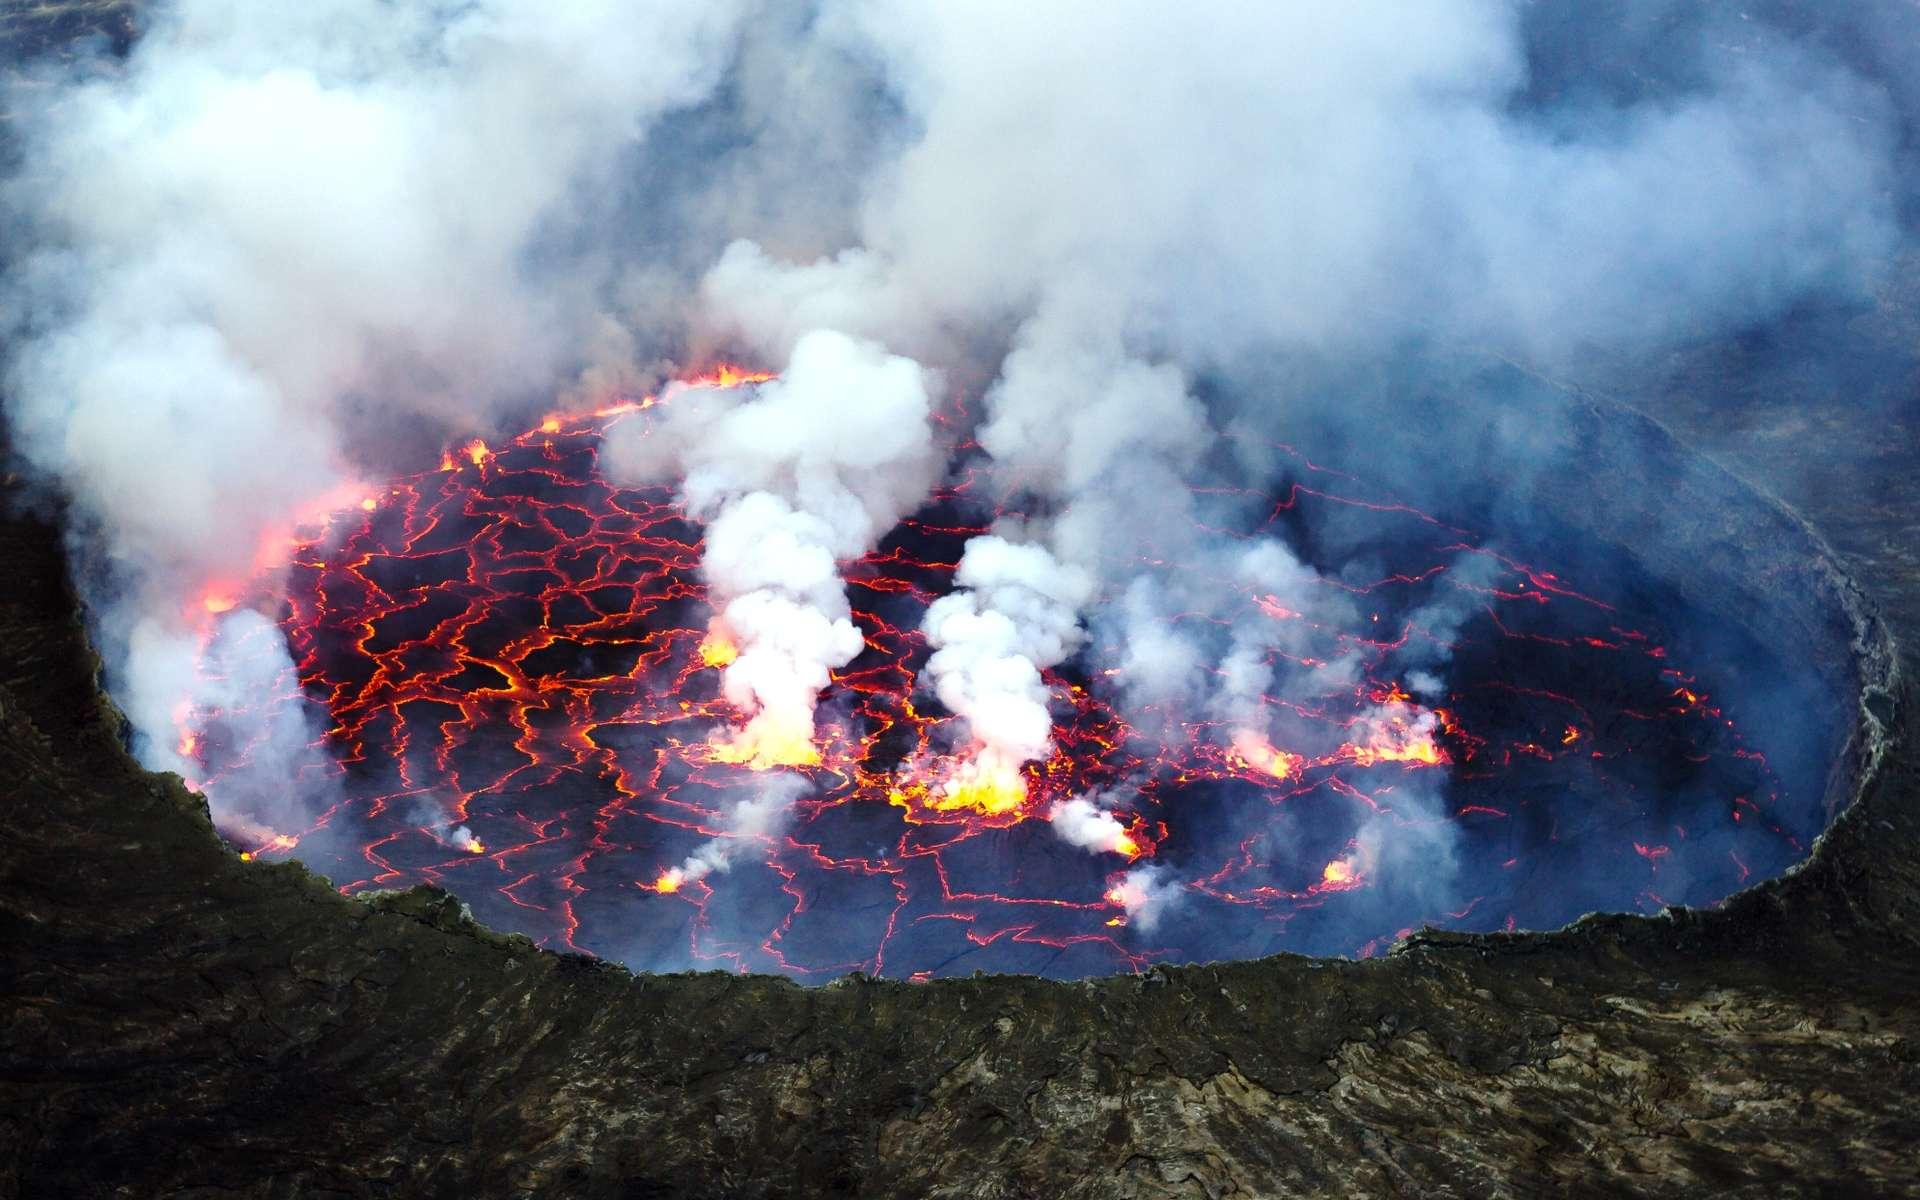 Une vue du lac de lave du Nyiragongo, en République démocratique du Congo. Il donne une image frappante de la tectonique des plaques. En effet, on peut voir à sa surface des morceaux sombres de lave refroidie en mouvement sous l'action de courants de convection. À leurs limites, la lave incandescente est bien visible et des processus analogues à l'expansion des fonds océaniques et à la subduction, voire l'obduction, des plaques s'y produisent. © via Wikimedia Commons, CC by-sa 3.0